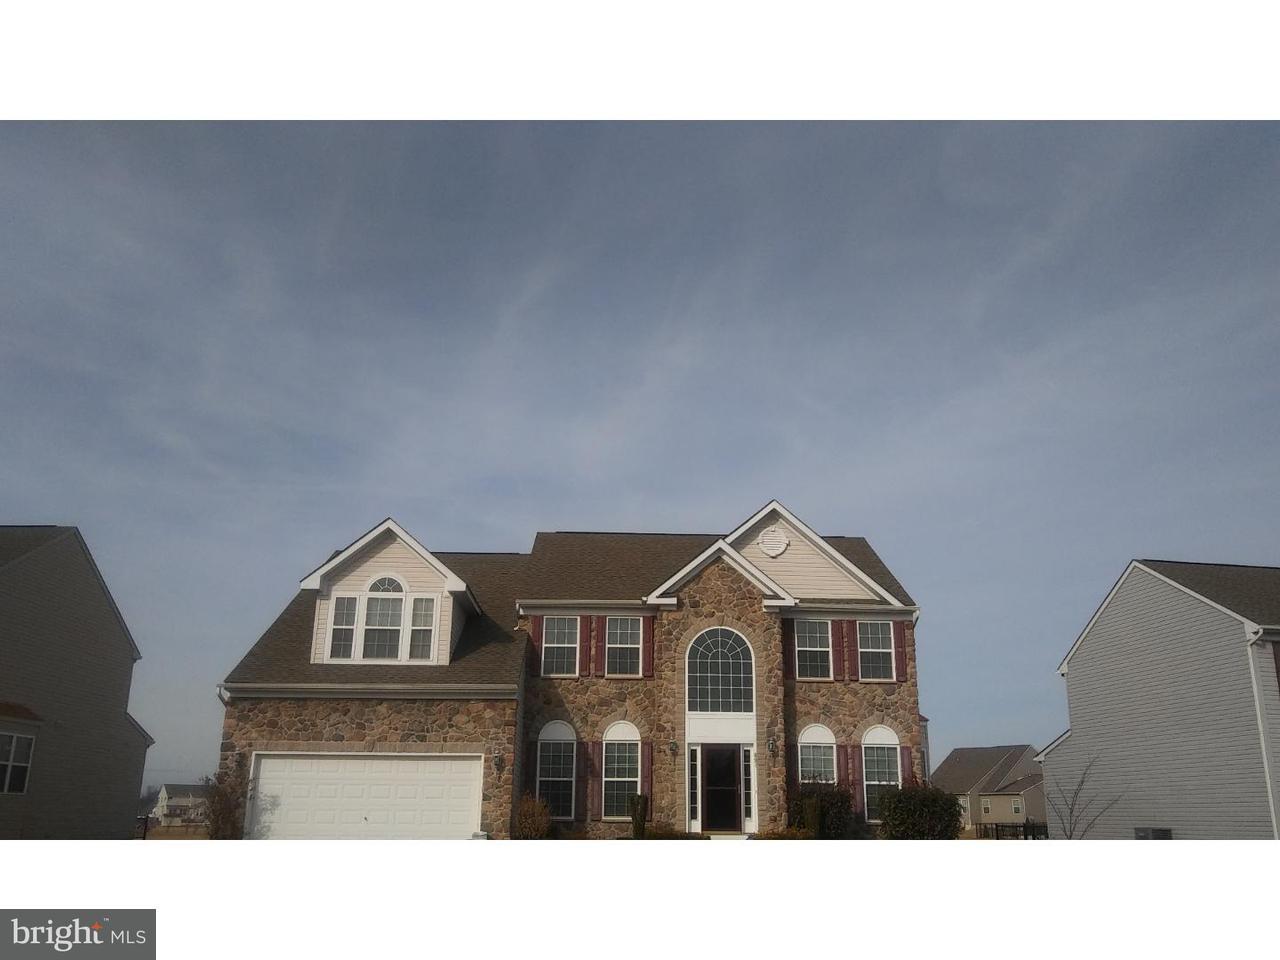 Частный односемейный дом для того Аренда на 891 WINDROW WAY Magnolia, Делавэр 19962 Соединенные Штаты